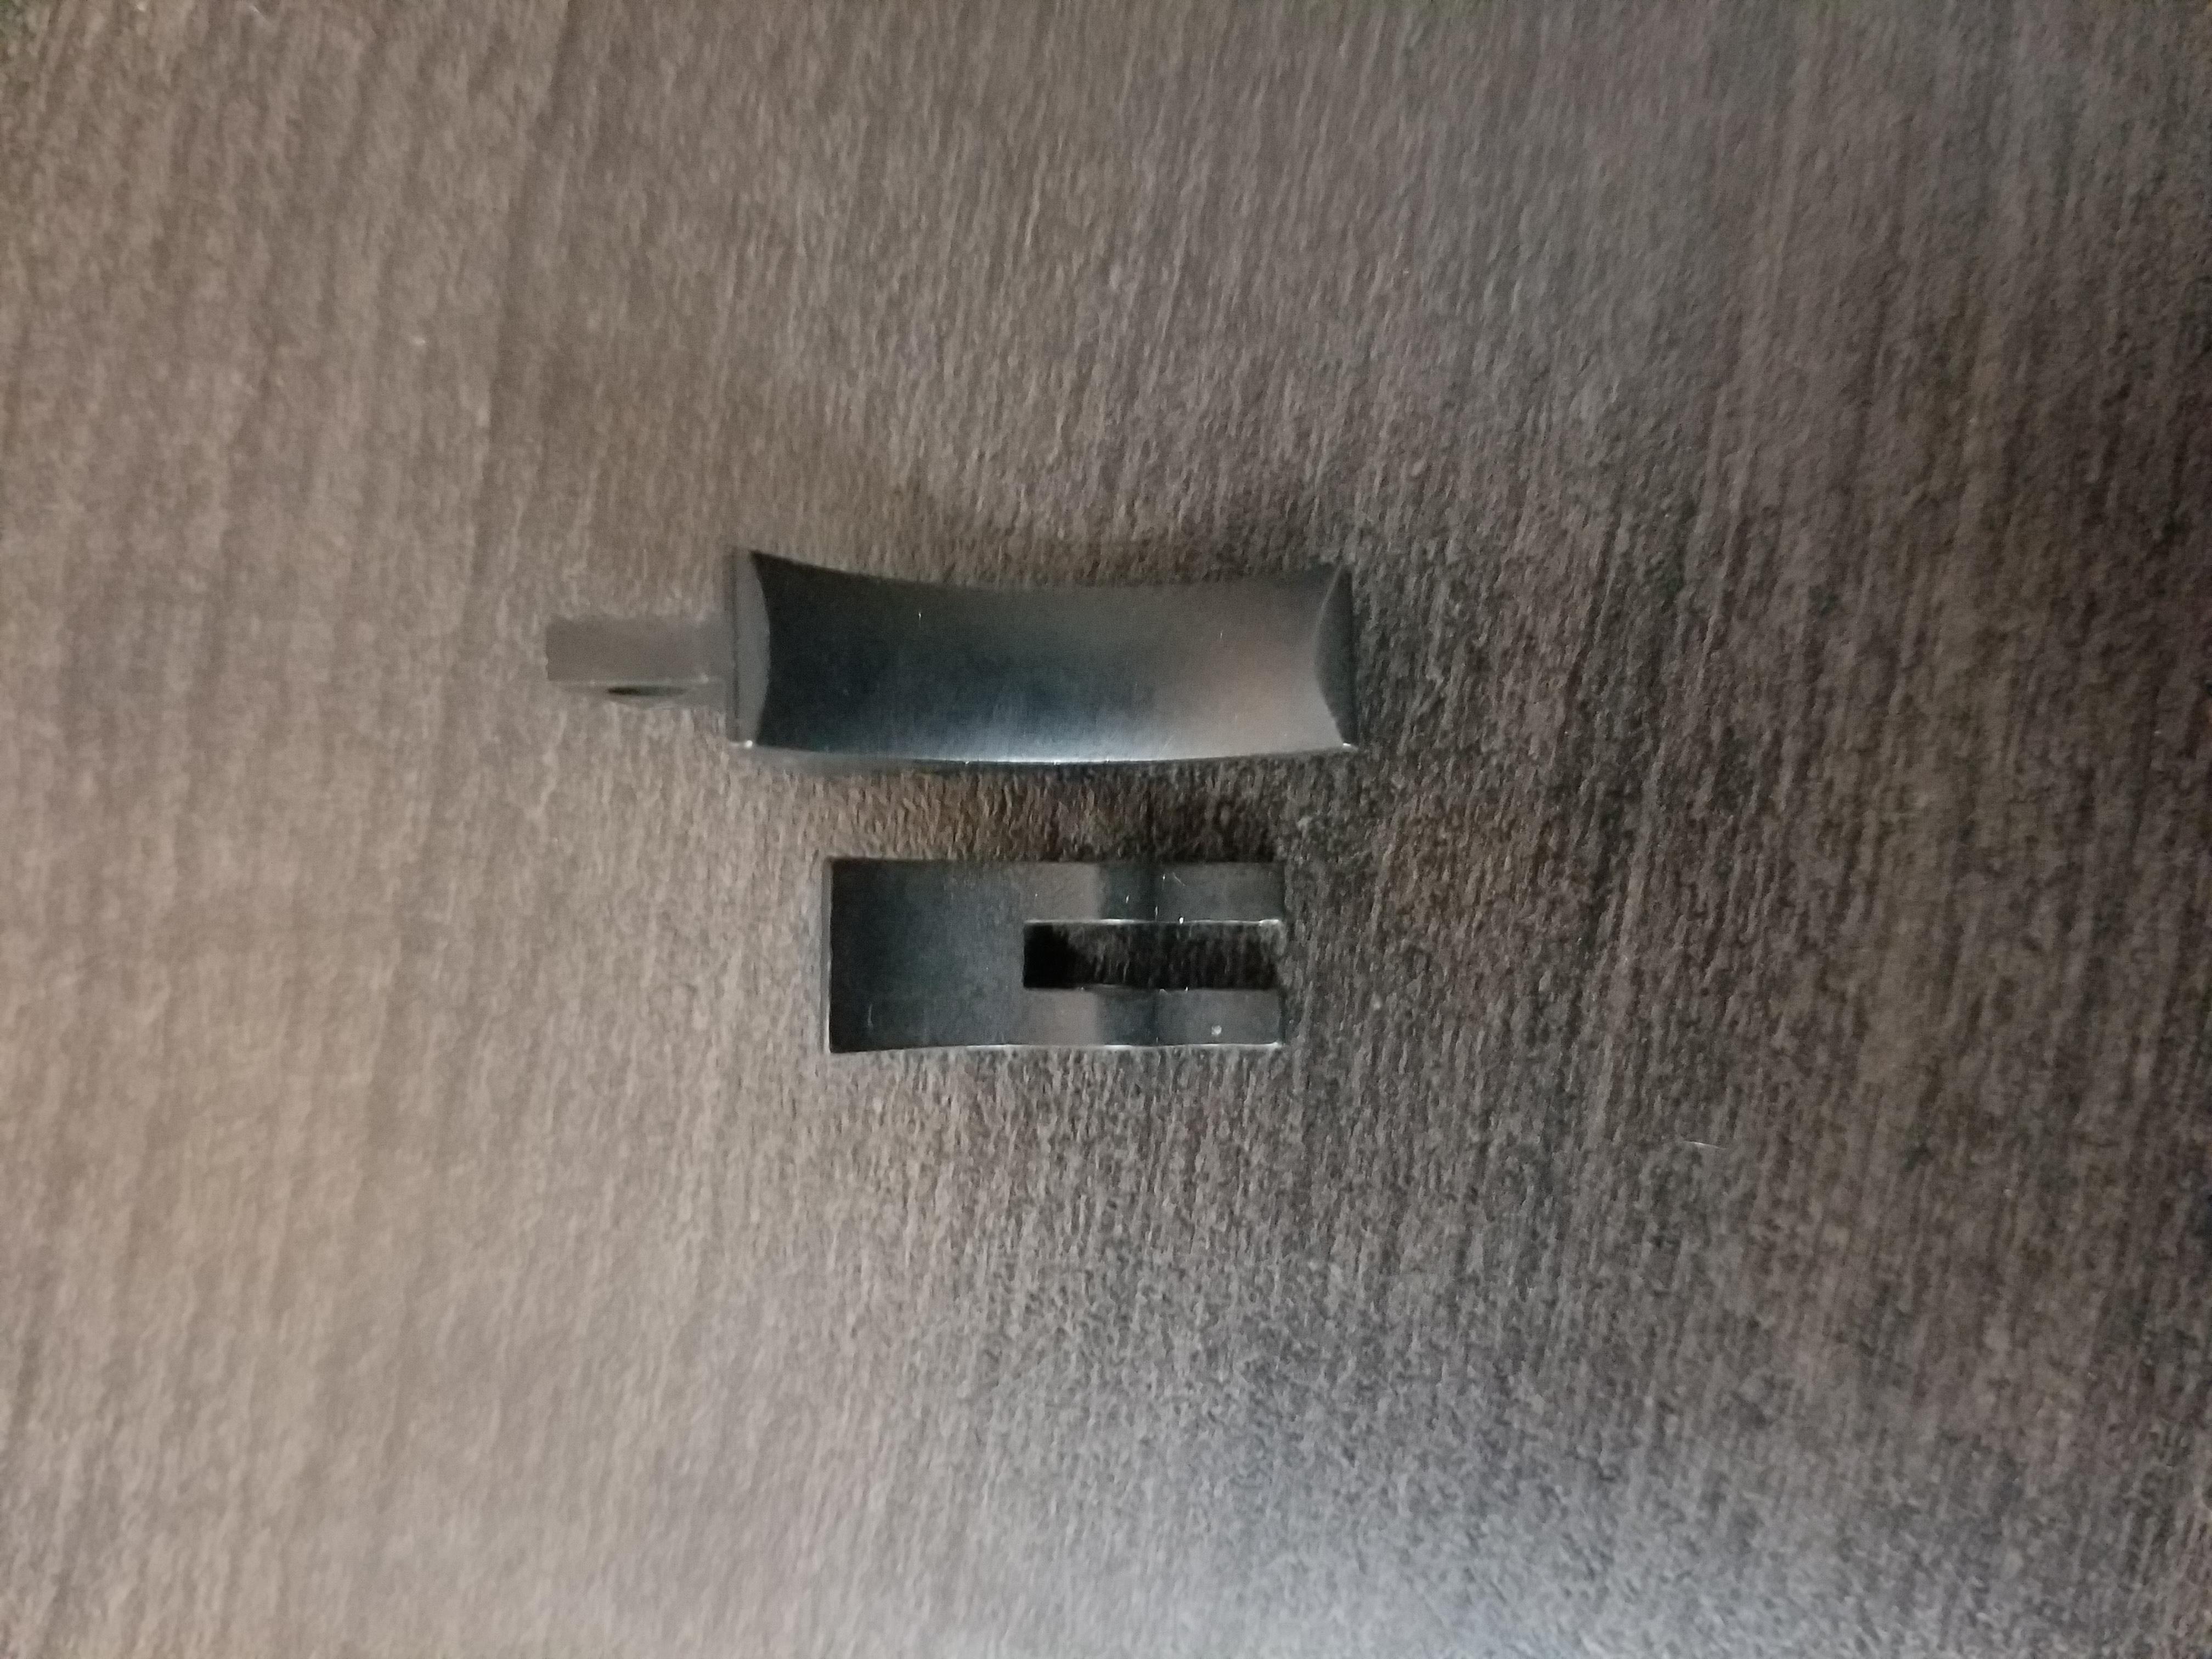 Marlin 336, 444, 1895 Trigger/Sear-20180811_221547.jpg